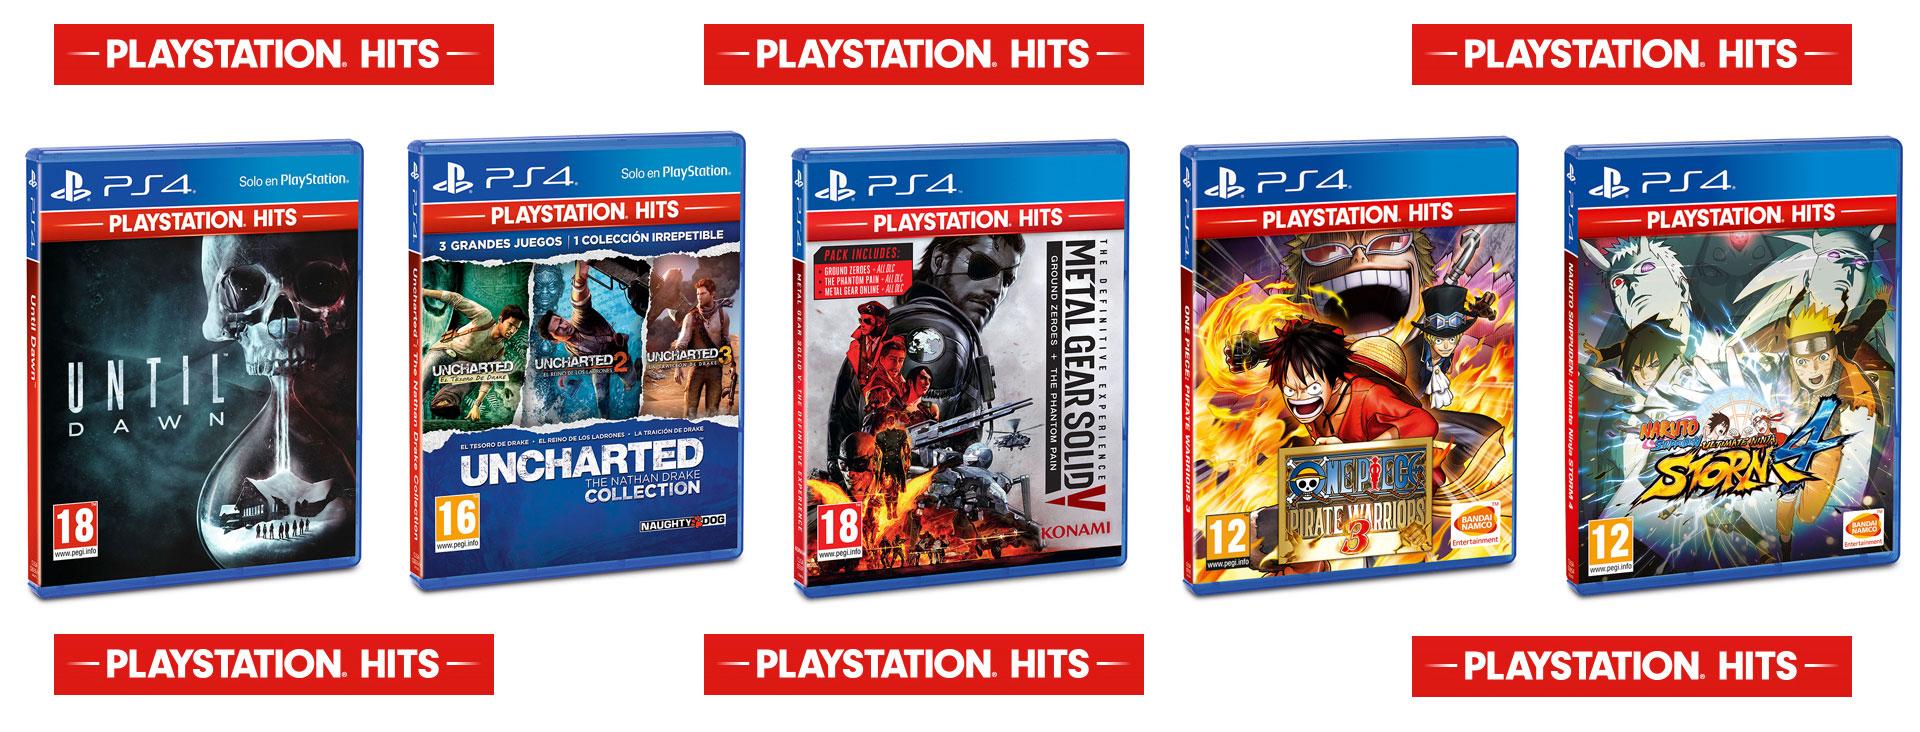 Playstation Hits Lanza Su Segunda Tanda De Juegos Para Ps4 El 2 De